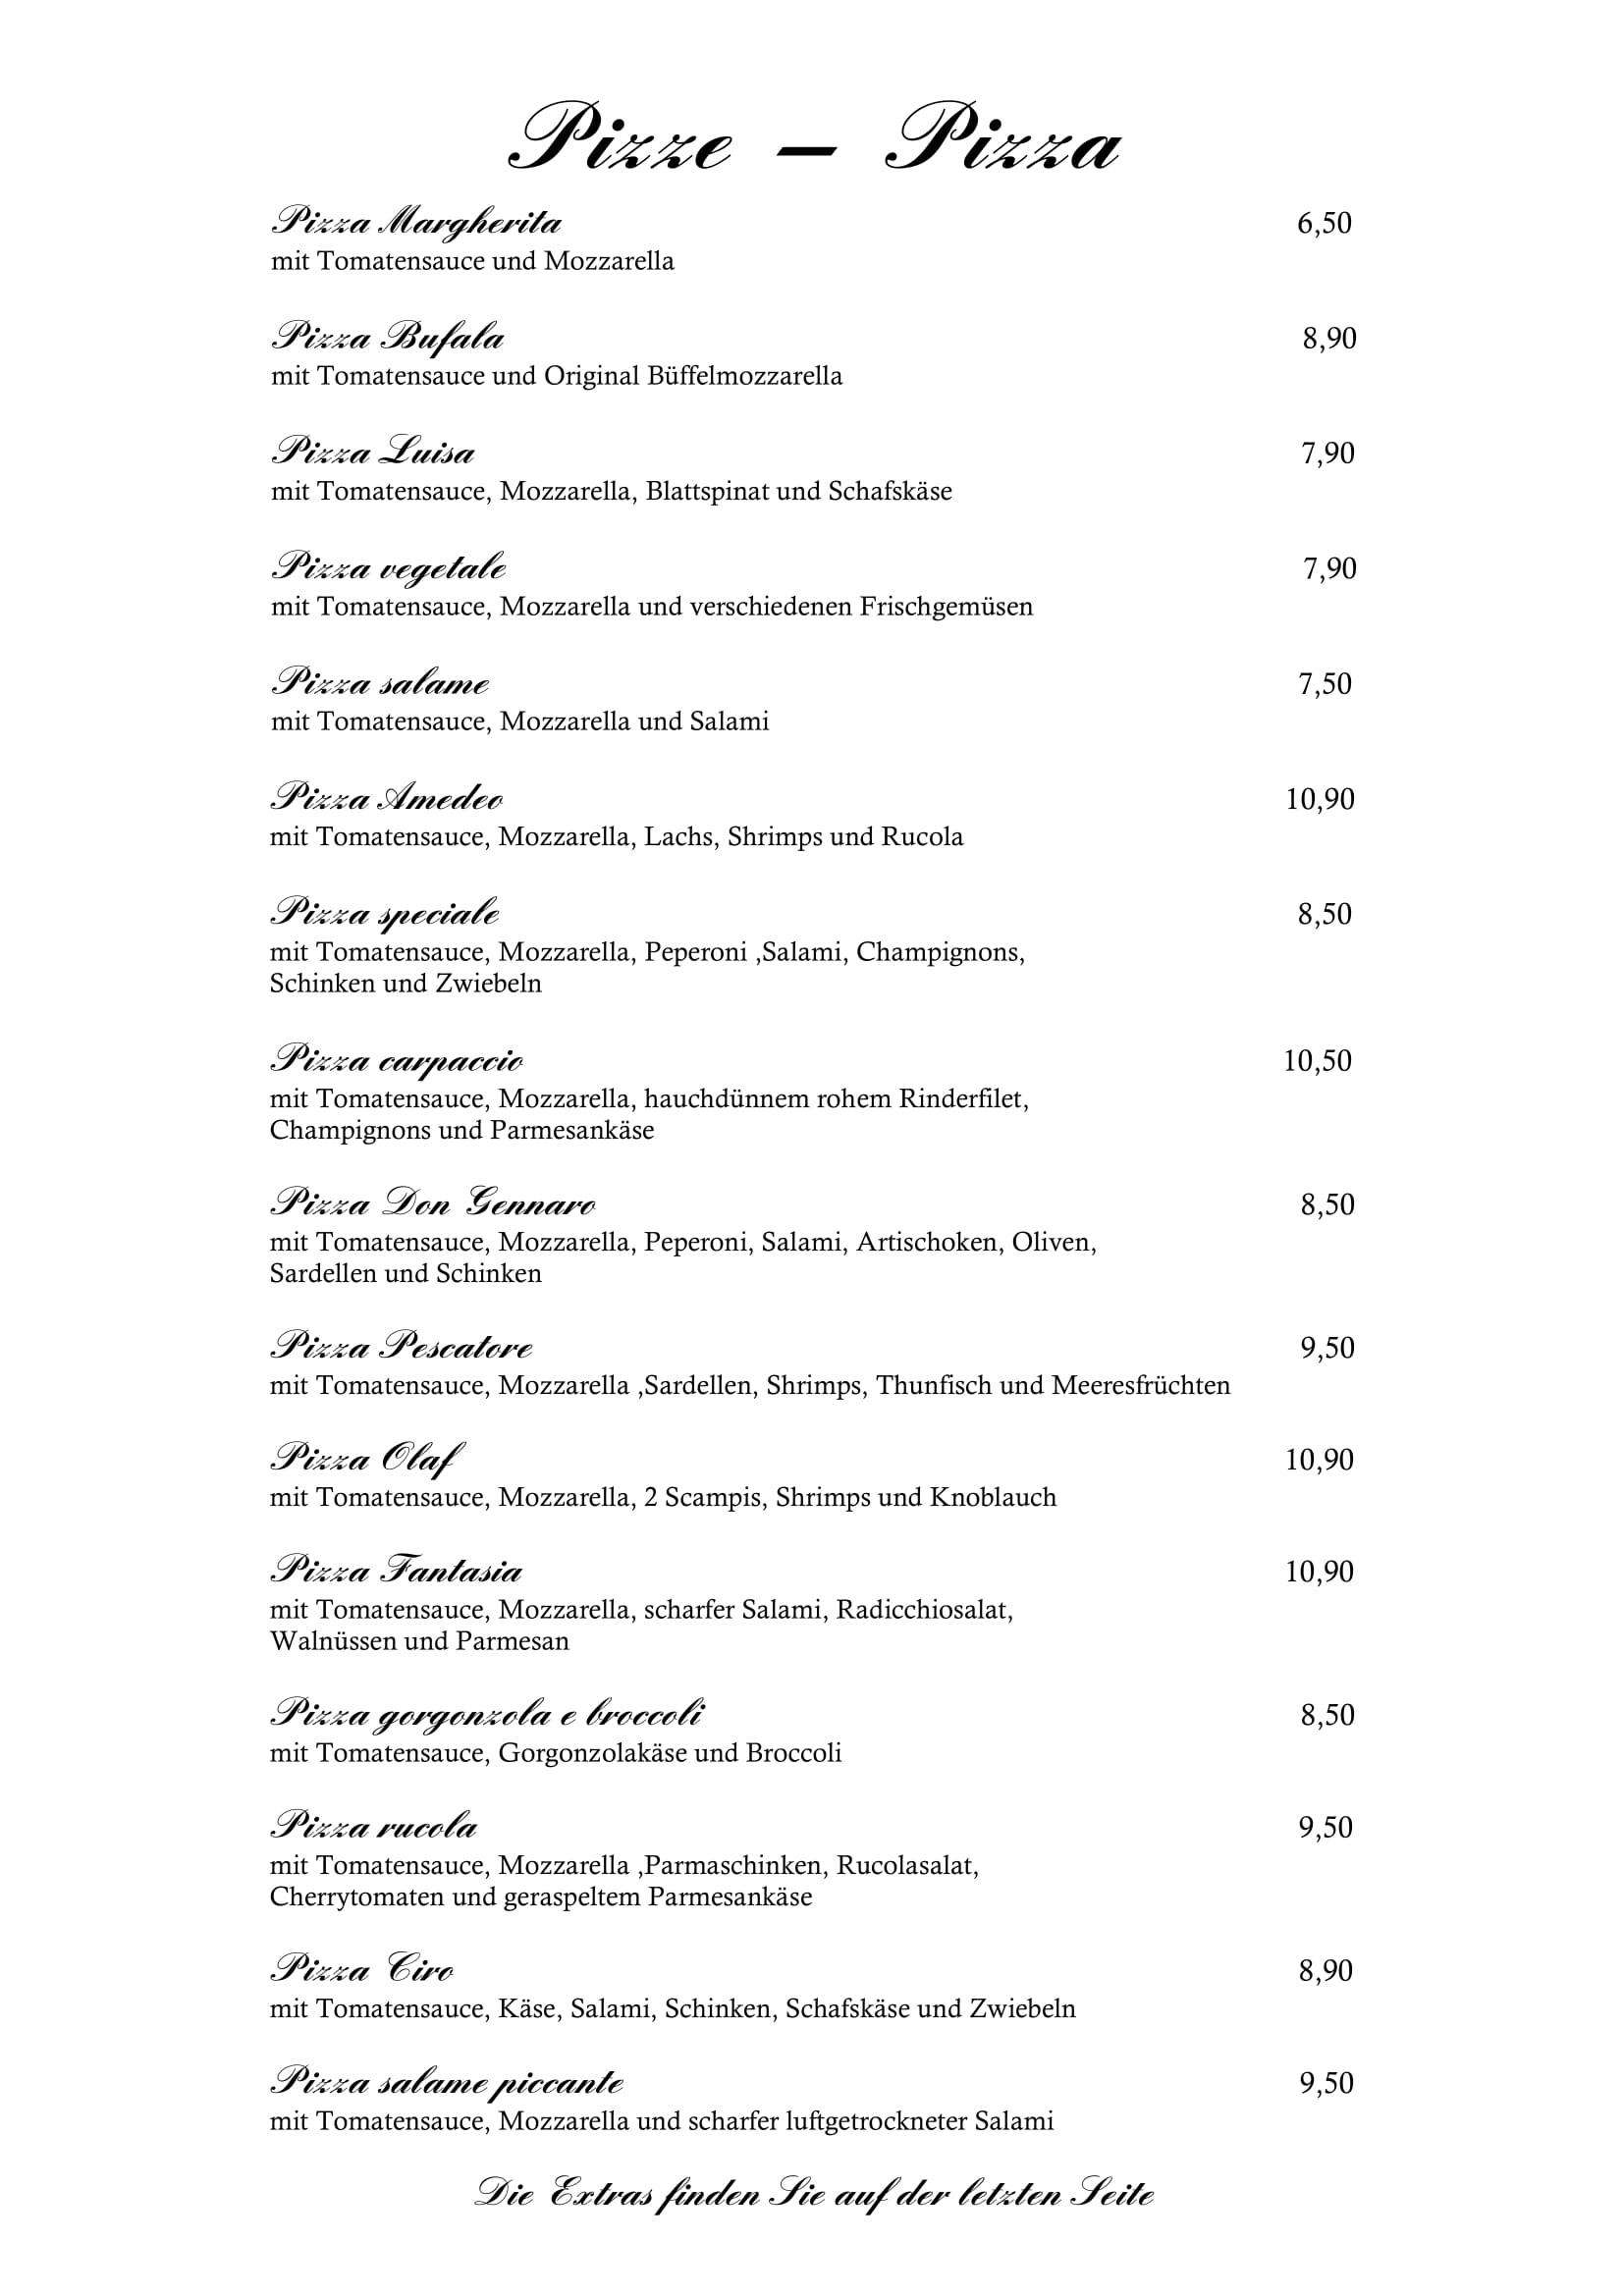 2020 26_09 Marinella Karte (ohne Nummern)29_09_2020-06